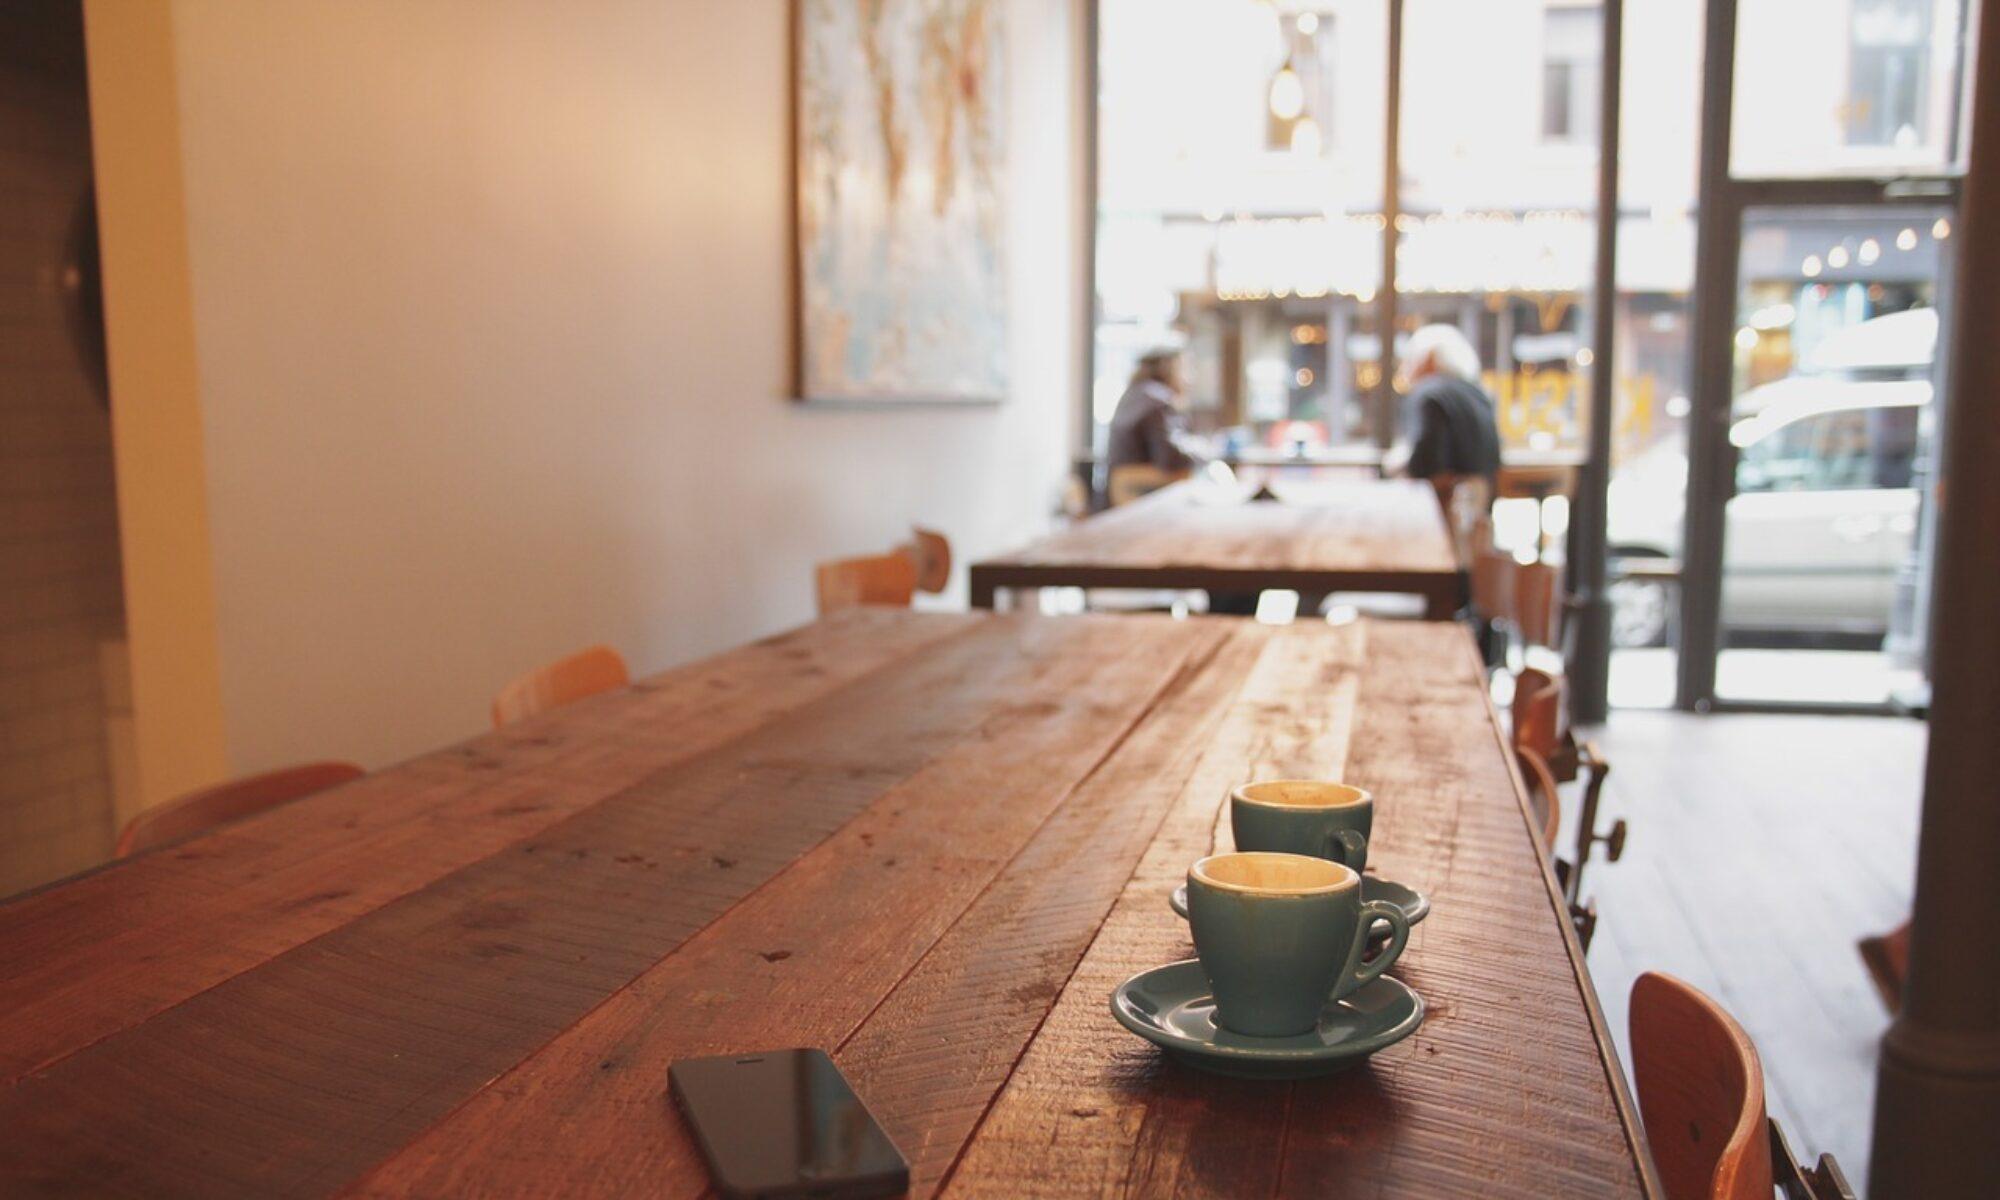 Cafe Council